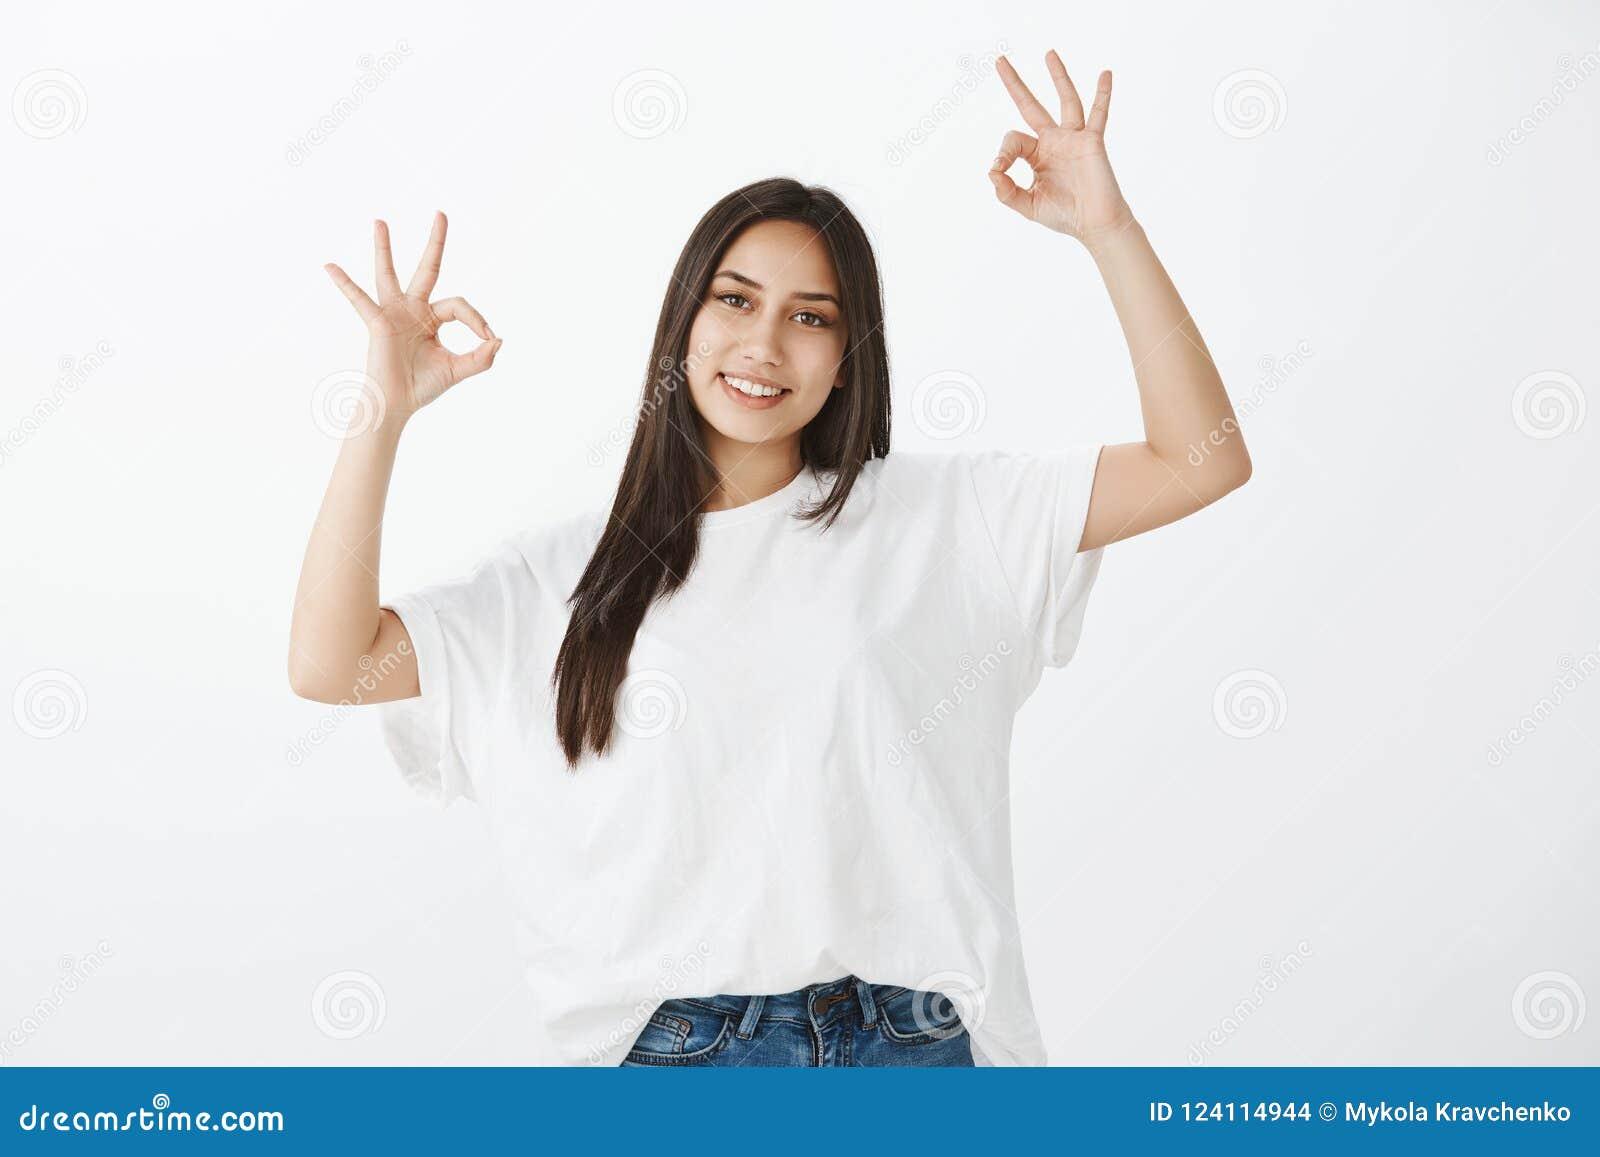 Inget bekymrat, allt ok Stående av realiteten som grinar den kvinnliga studenten i den vita t-skjortan som lyfter händer i ok ell